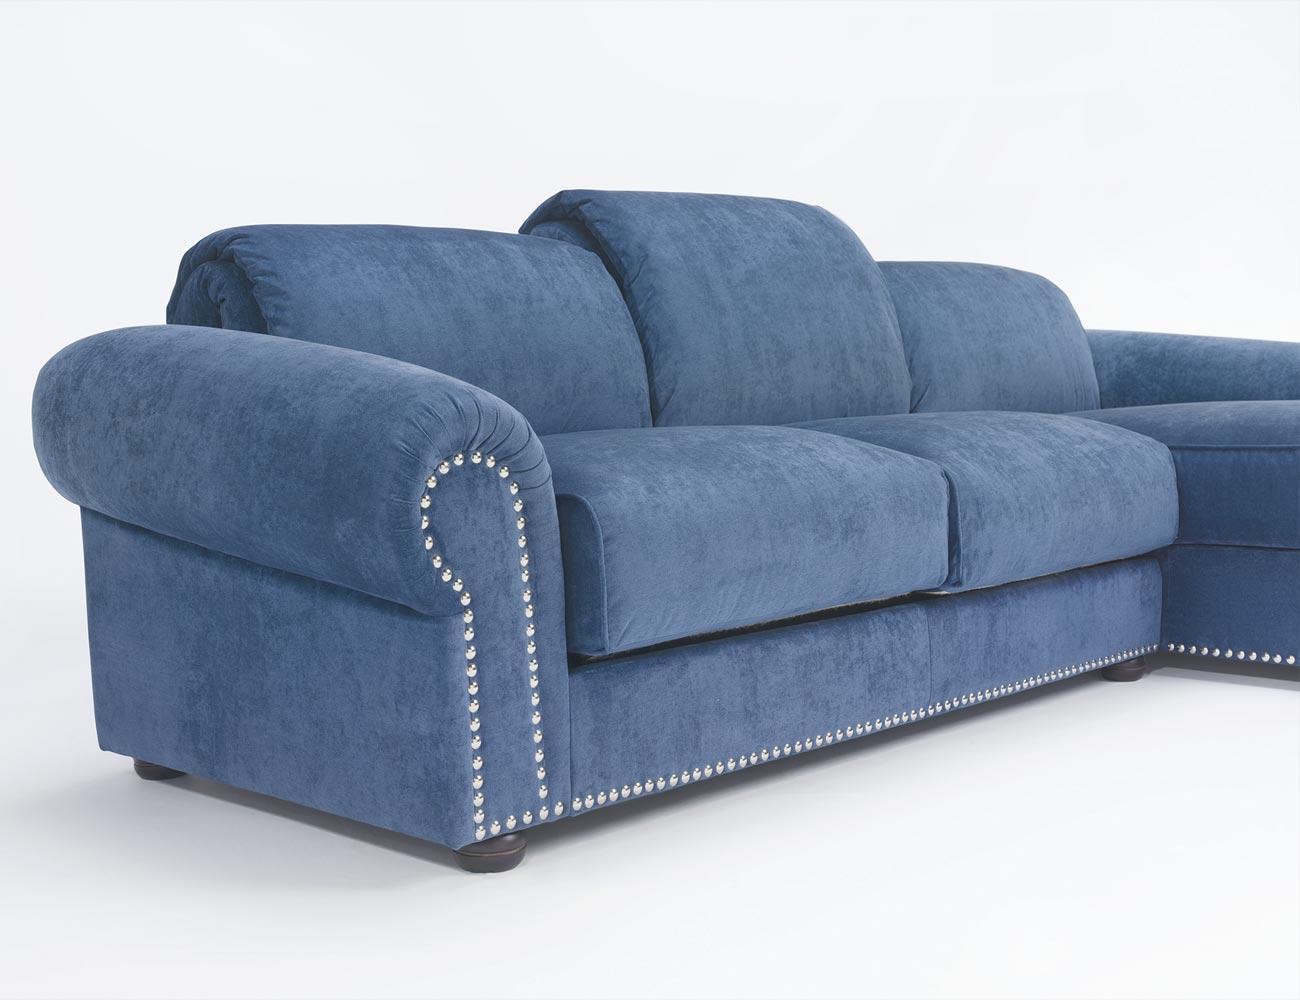 Sofa chaiselongue gran lujo decorativo azul 121